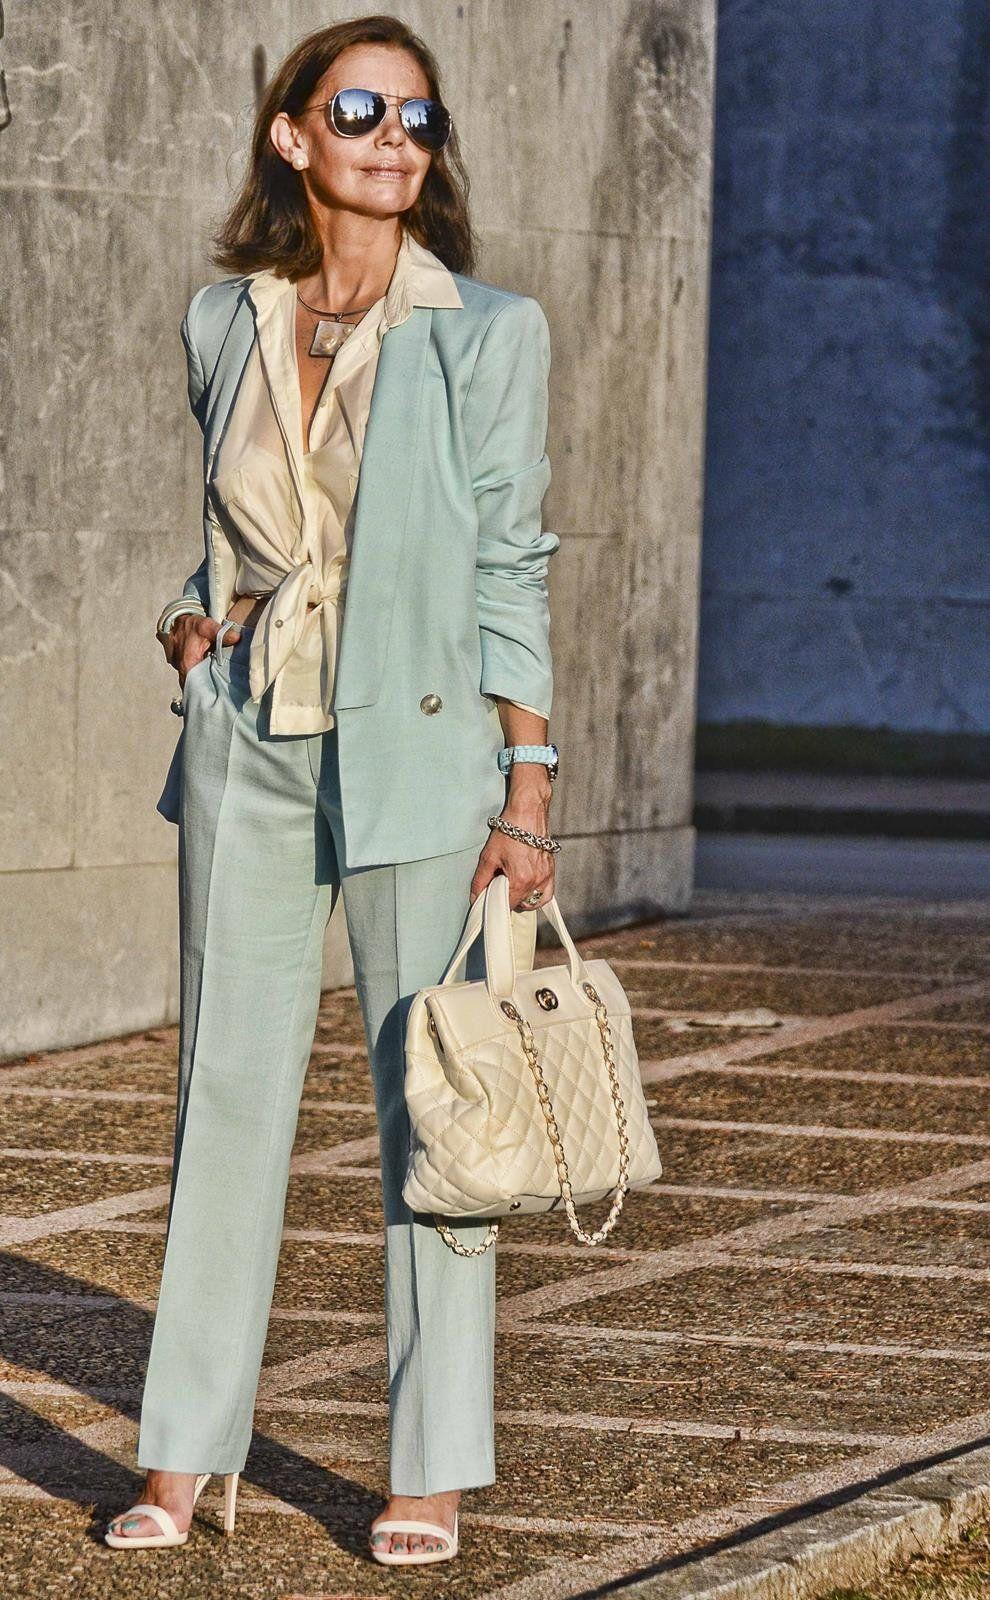 Как одеваться женщине в 45 лет стильно: фото модных образов, тренды 2021-2022 года, советы от Эвелины Хромченко